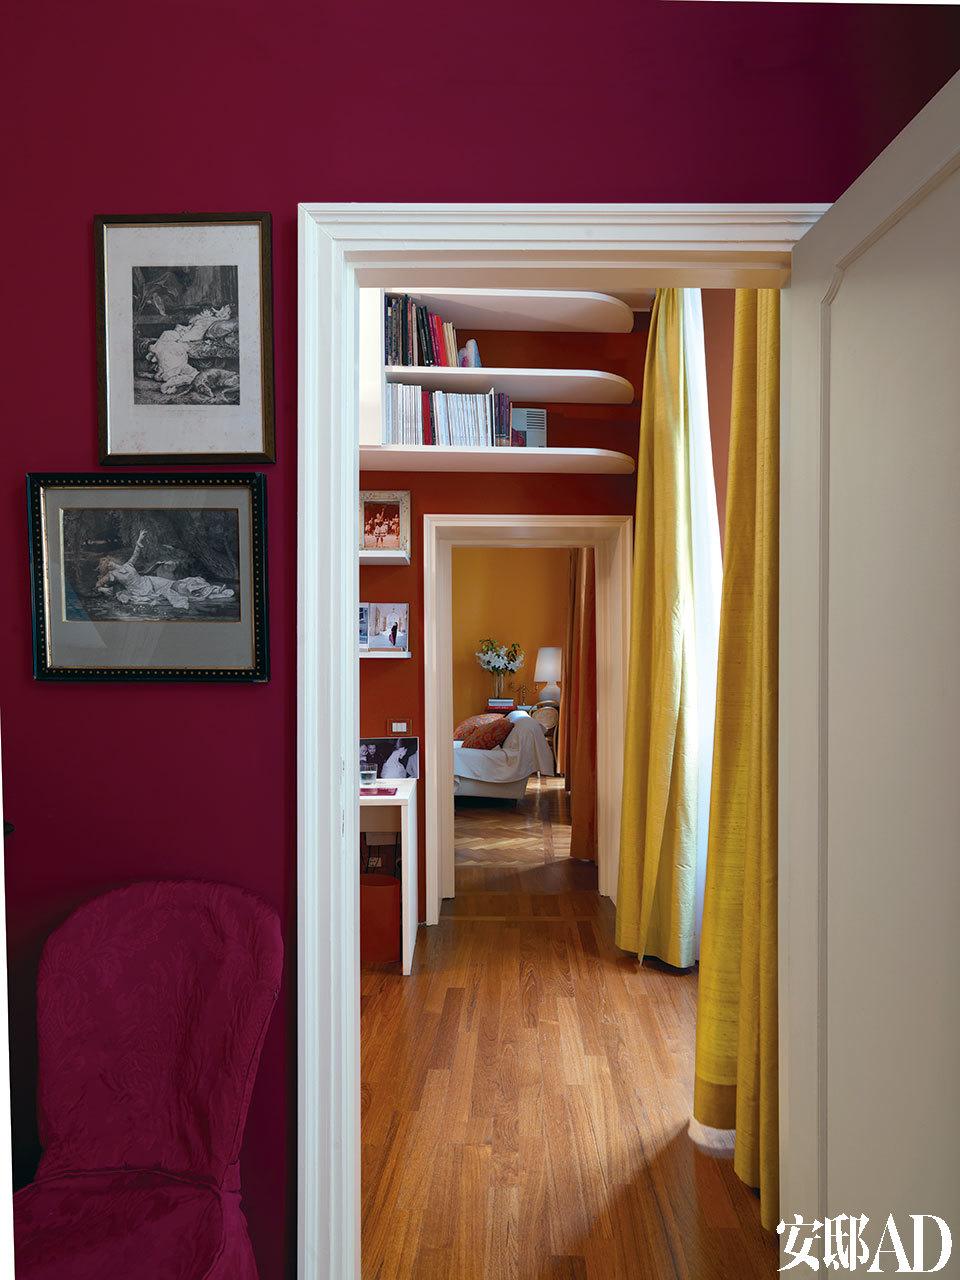 从客房望向客厅,带框的印刷作品和照片装点着墙壁,其内容都来自古典主义作品。右侧,白色的门框和优雅的赭石色窗帘好像调色板一样,点亮了这些房间,也点亮了主人的心情。